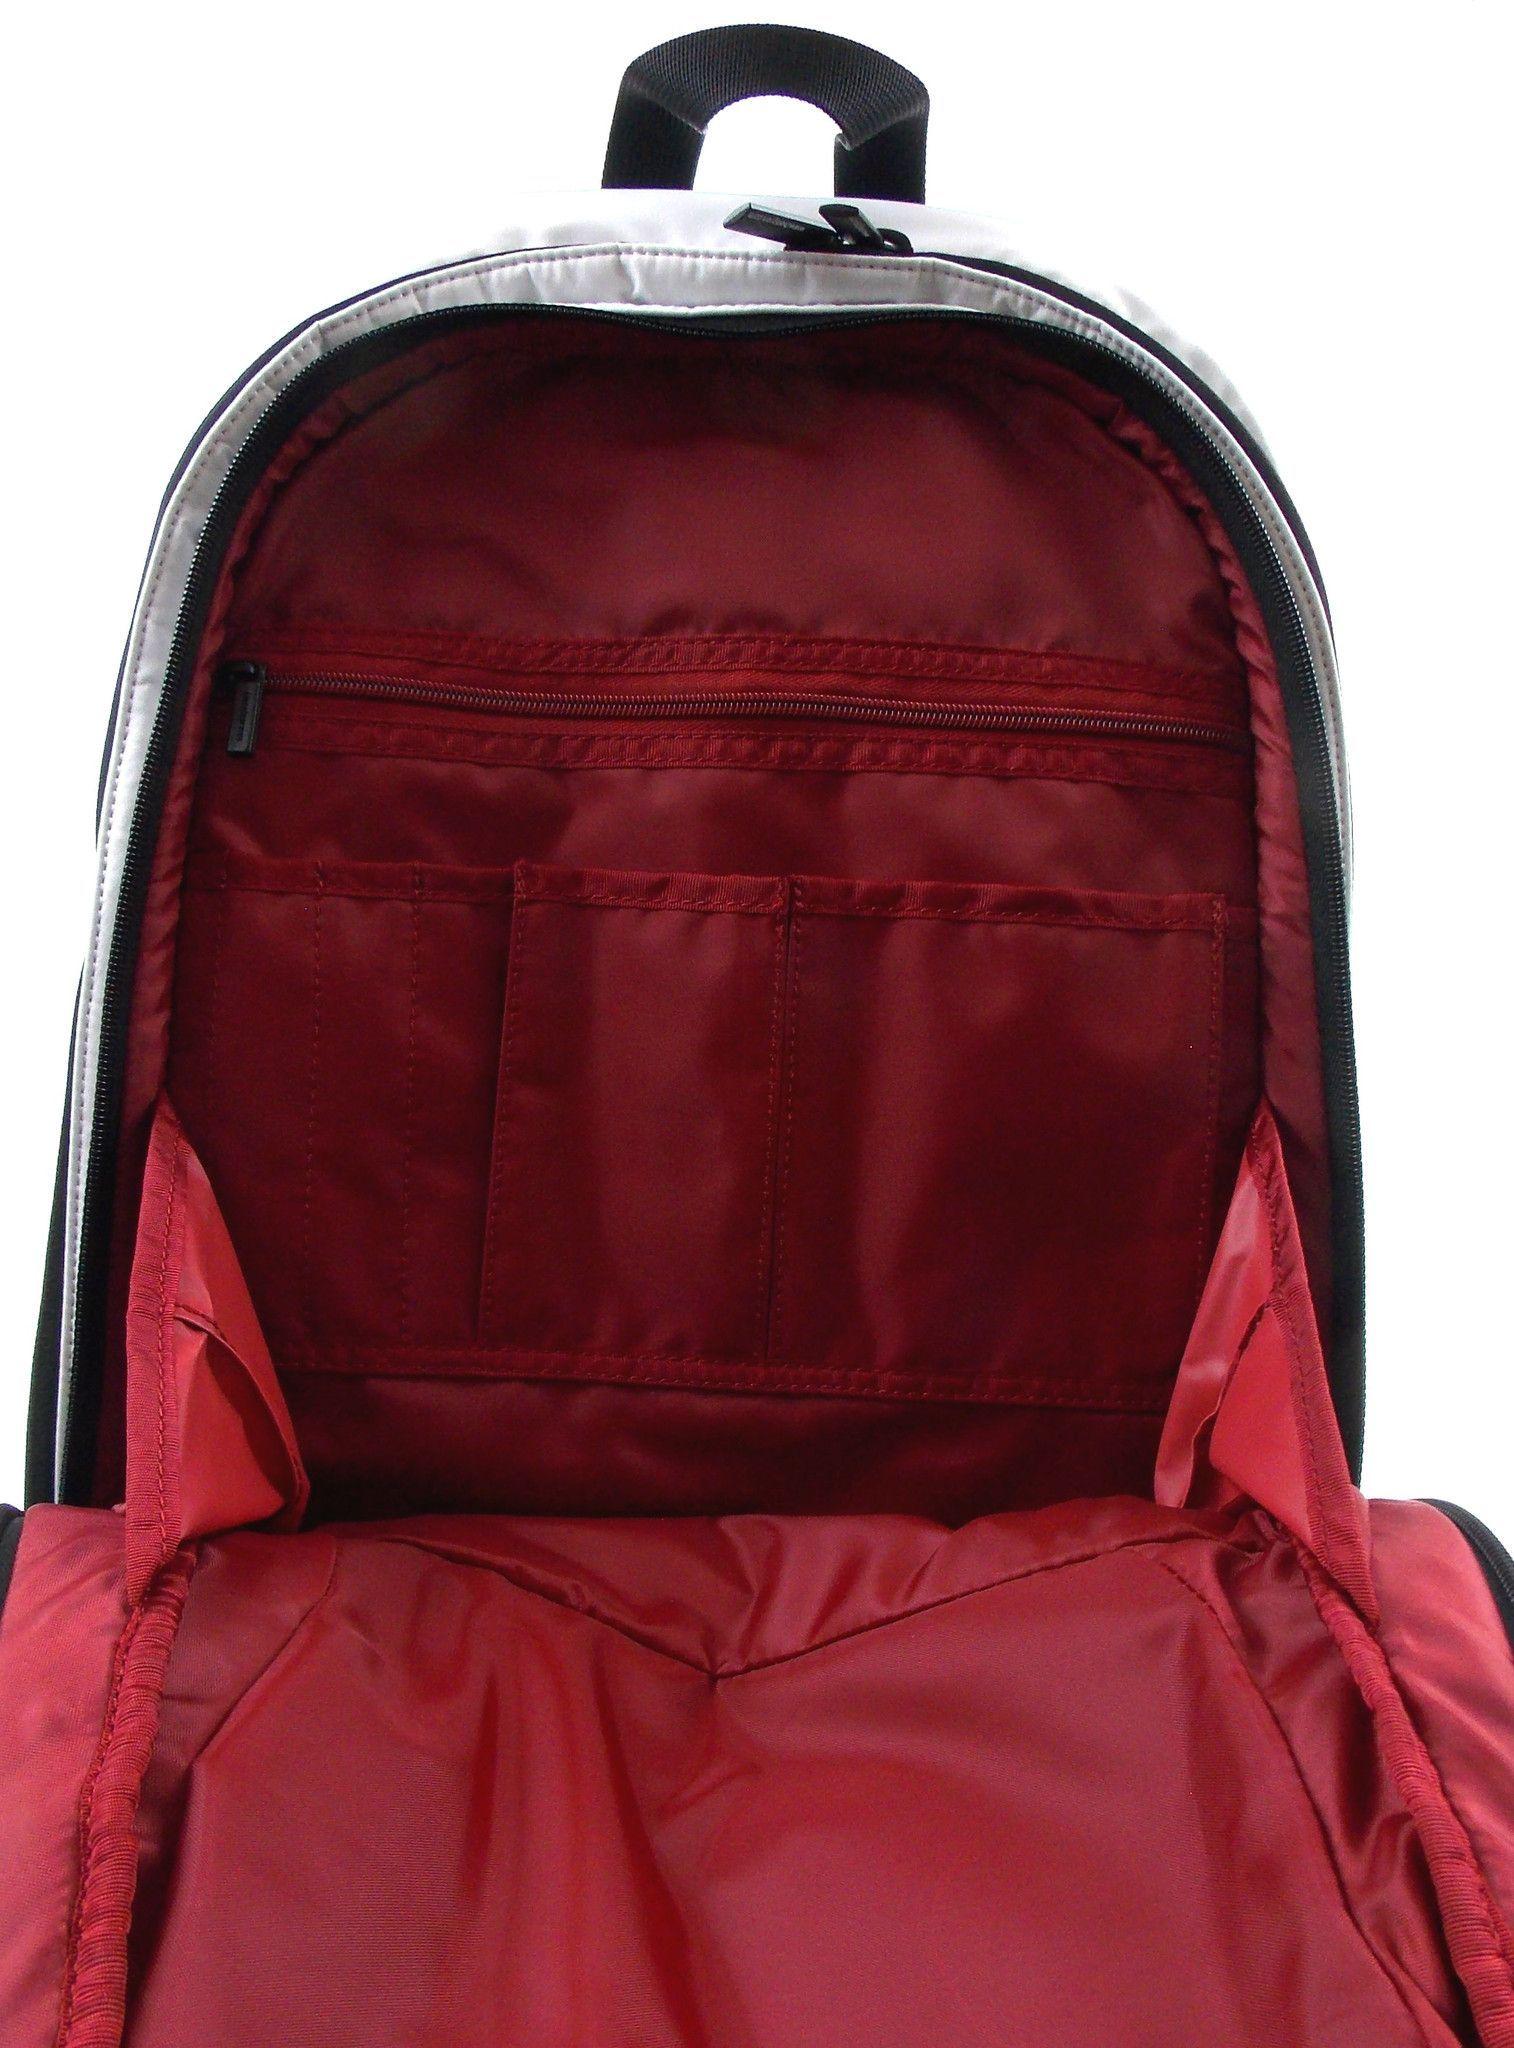 4f272e7951 Hedgren World Explorer Backpack White & Black Color: White & Black  Style/Shape: Rectangular Dimensions: 20